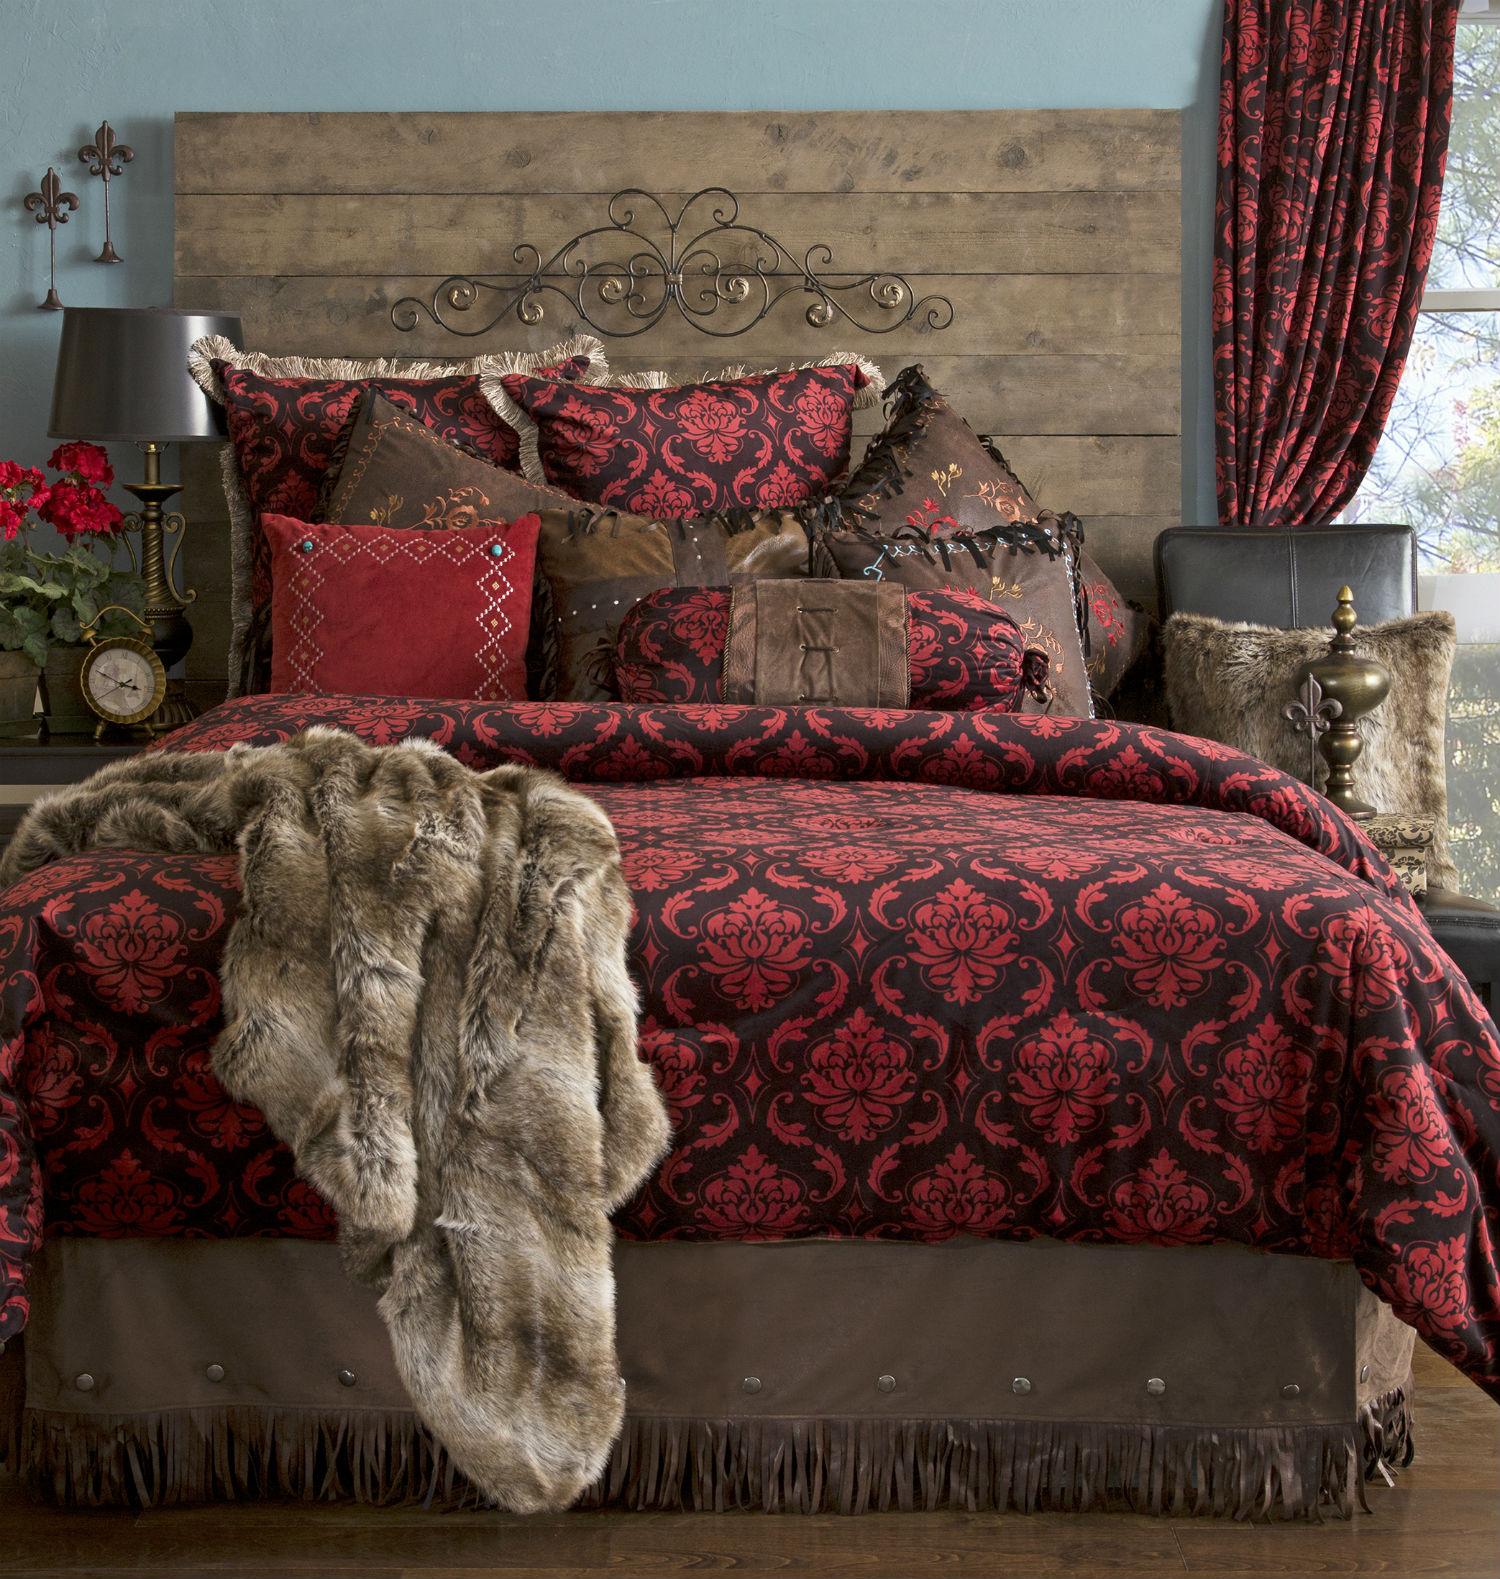 Red Damask By Carstens Lodge Bedding Beddingsuperstore Com